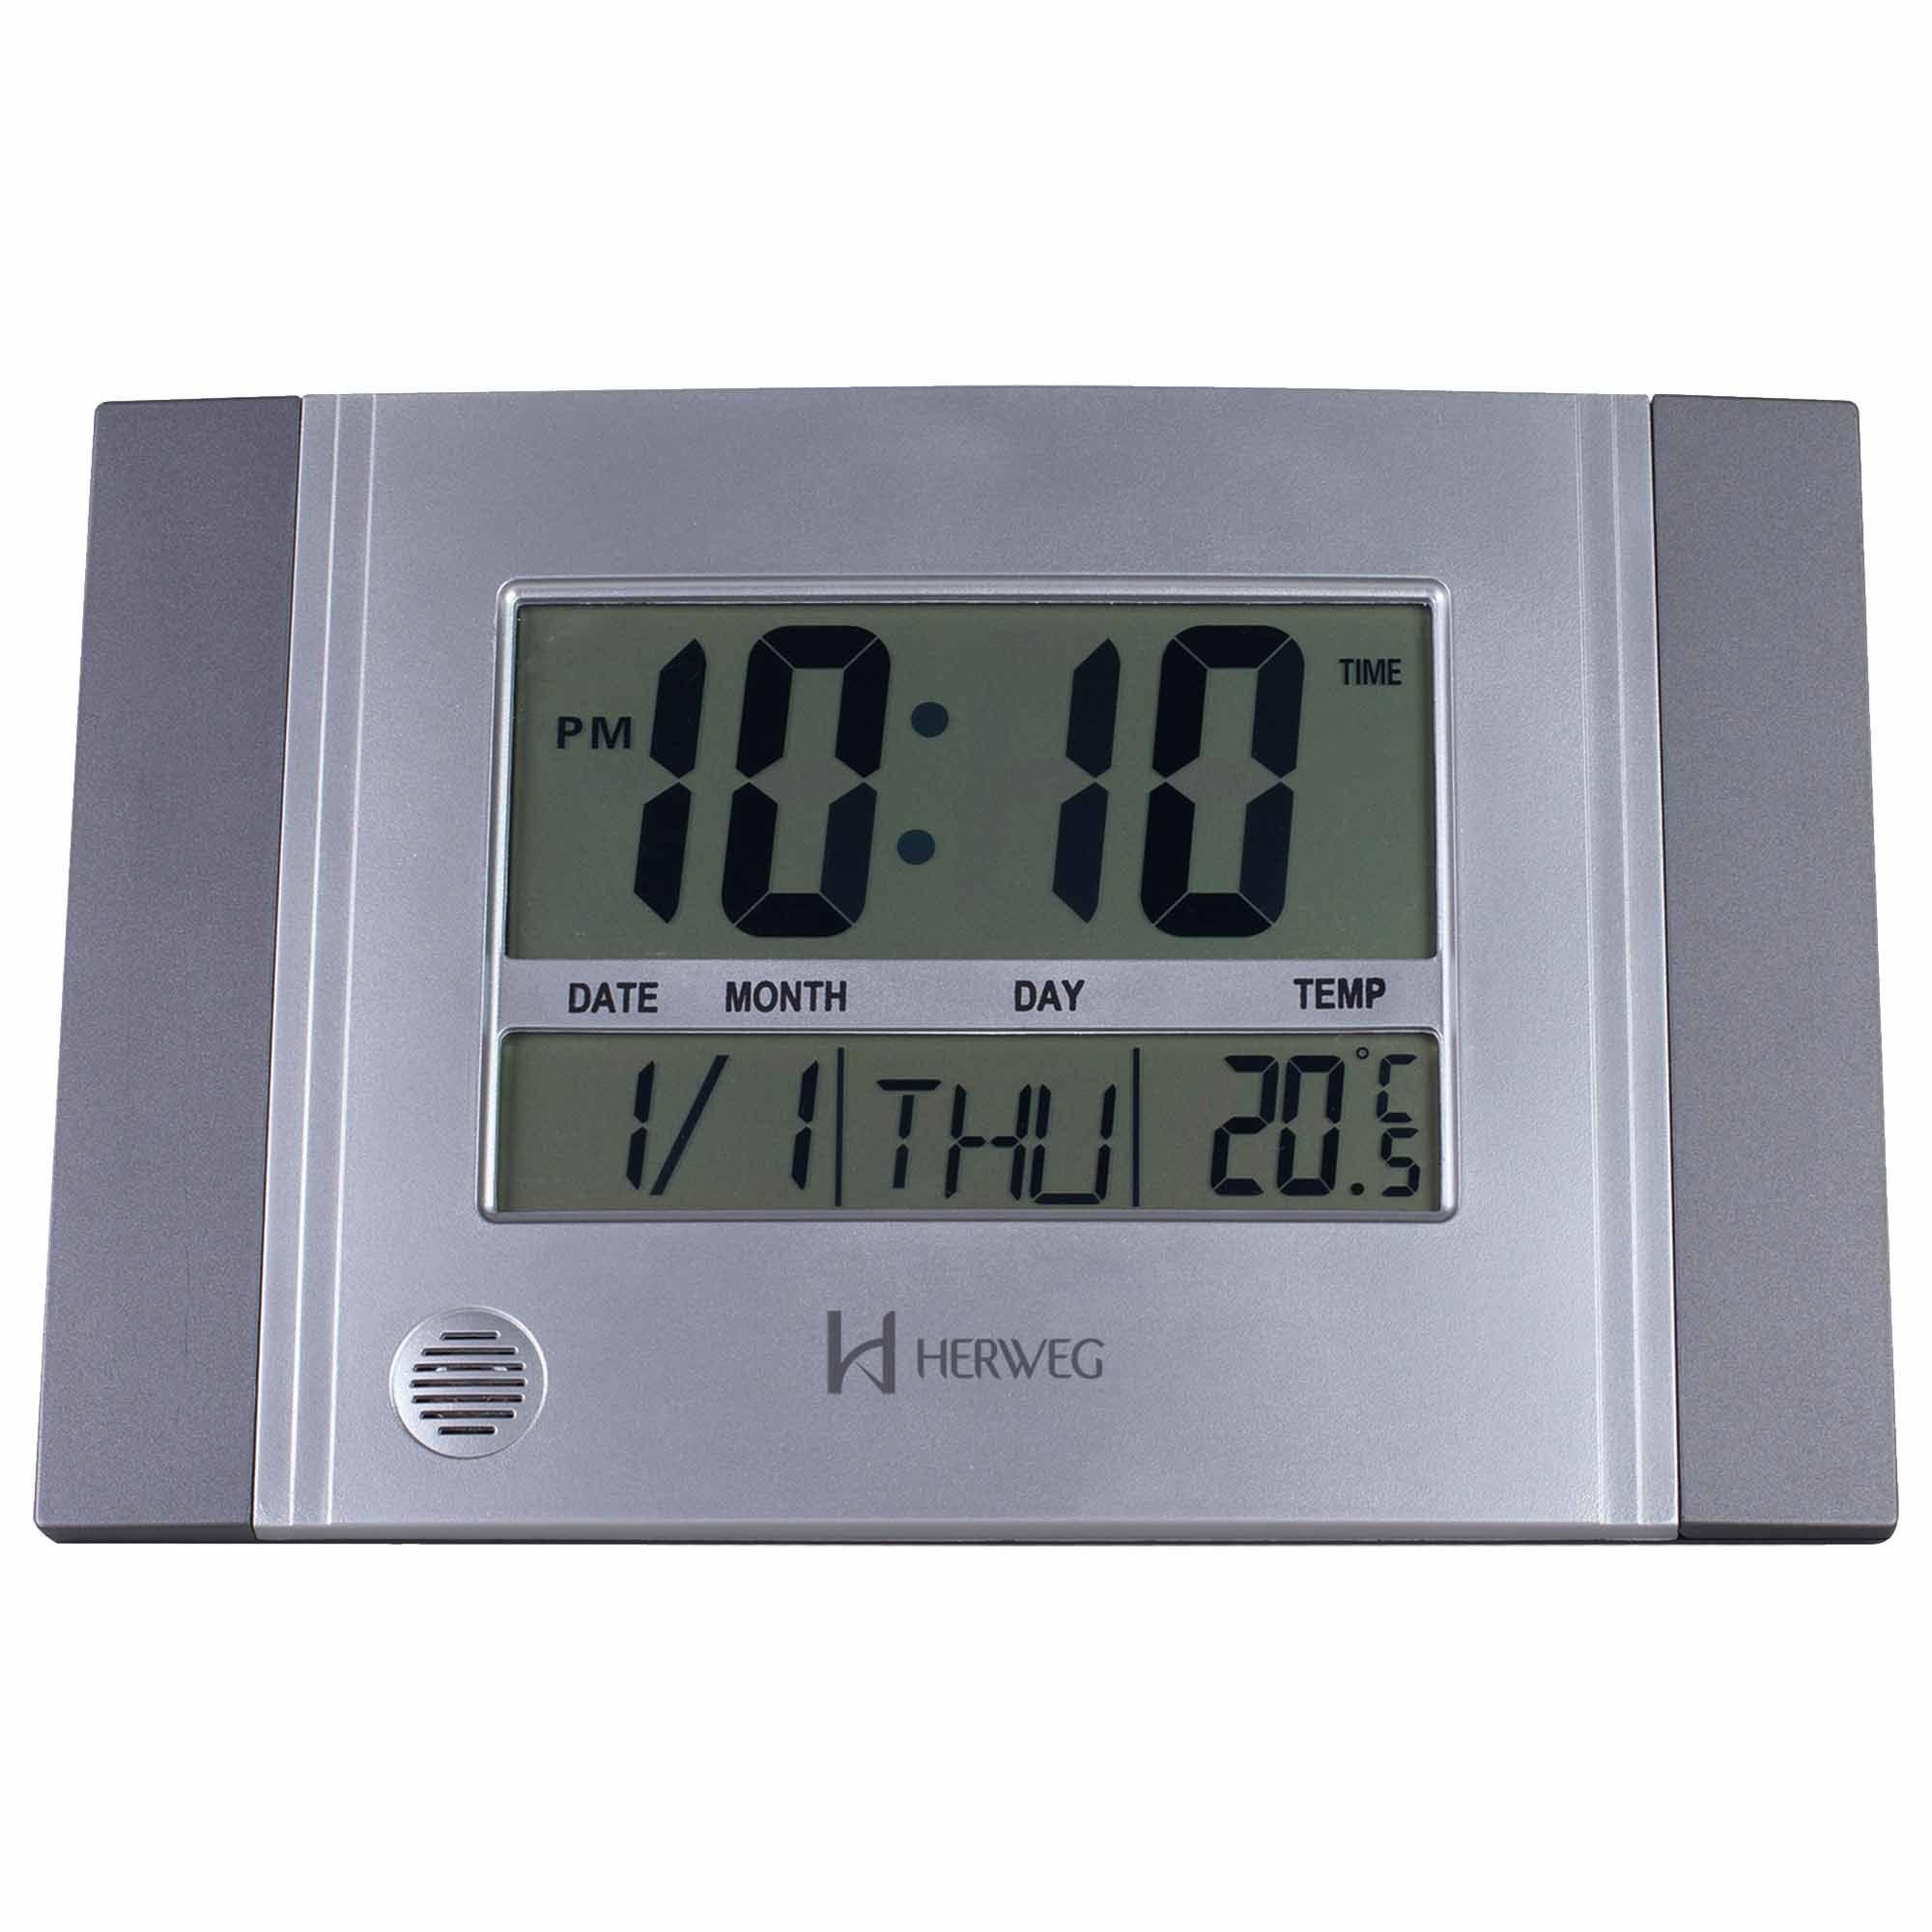 Relógio de Parede Digital Herweg 6472 071 Cinza Metálico